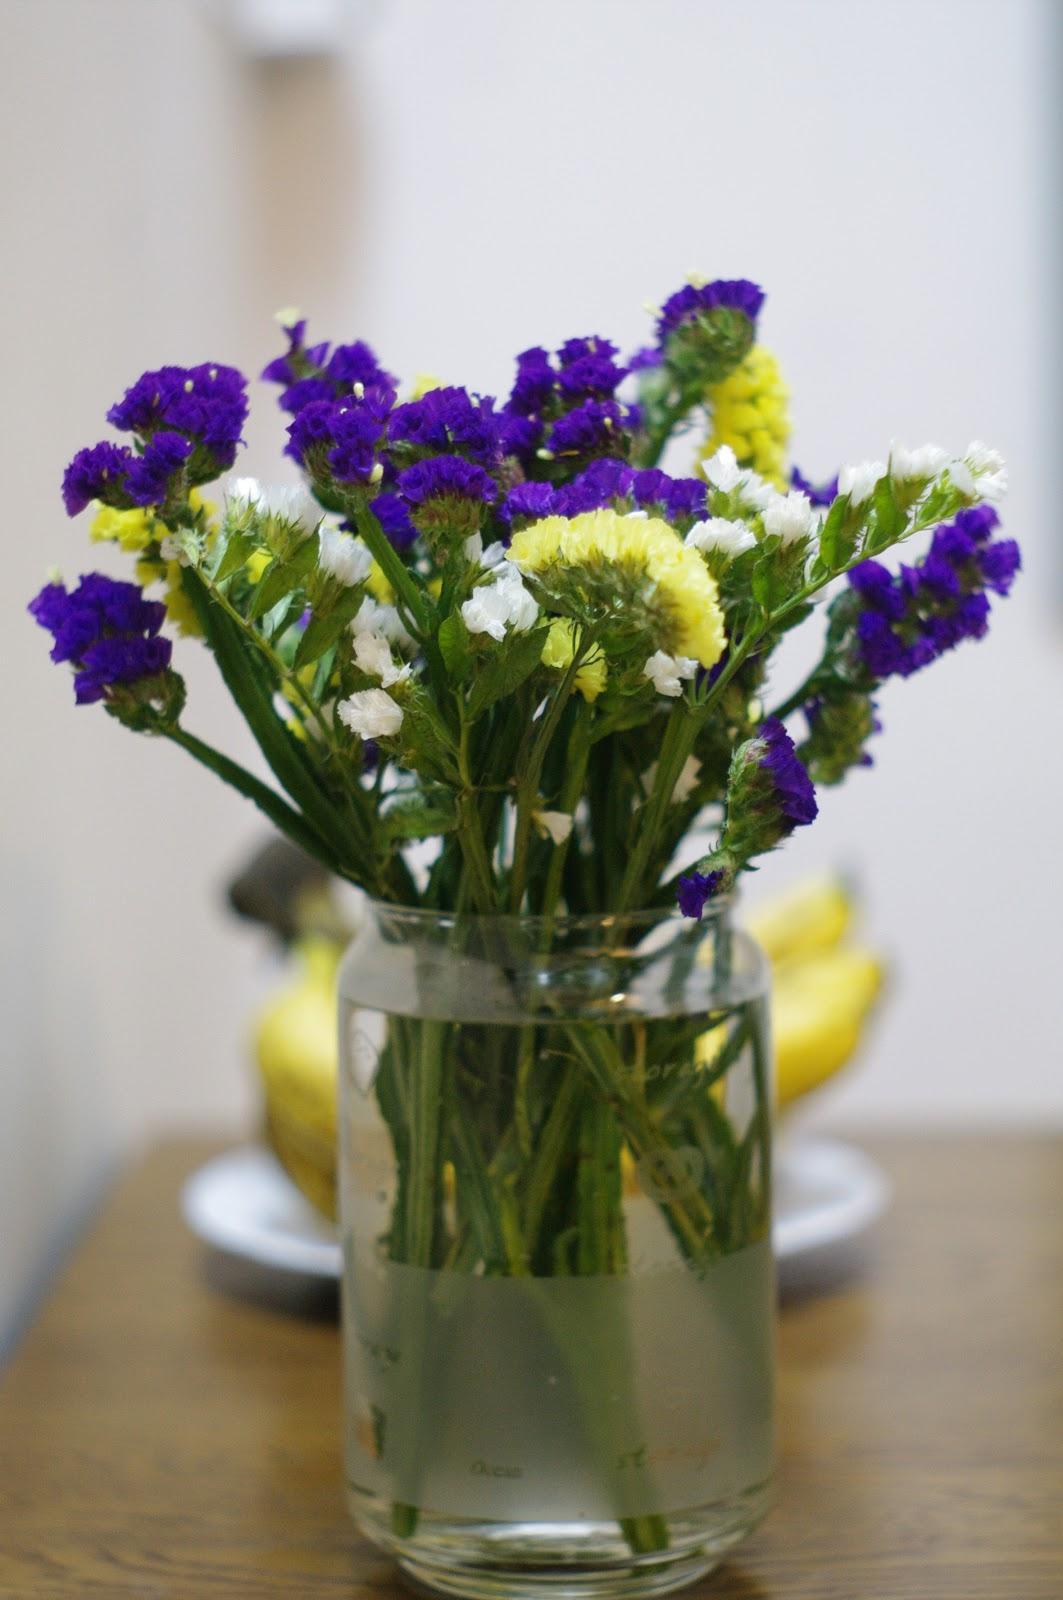 Ảnh có chứa hoa, cây, bàn, trong nhà Mô tả được tạo tự động